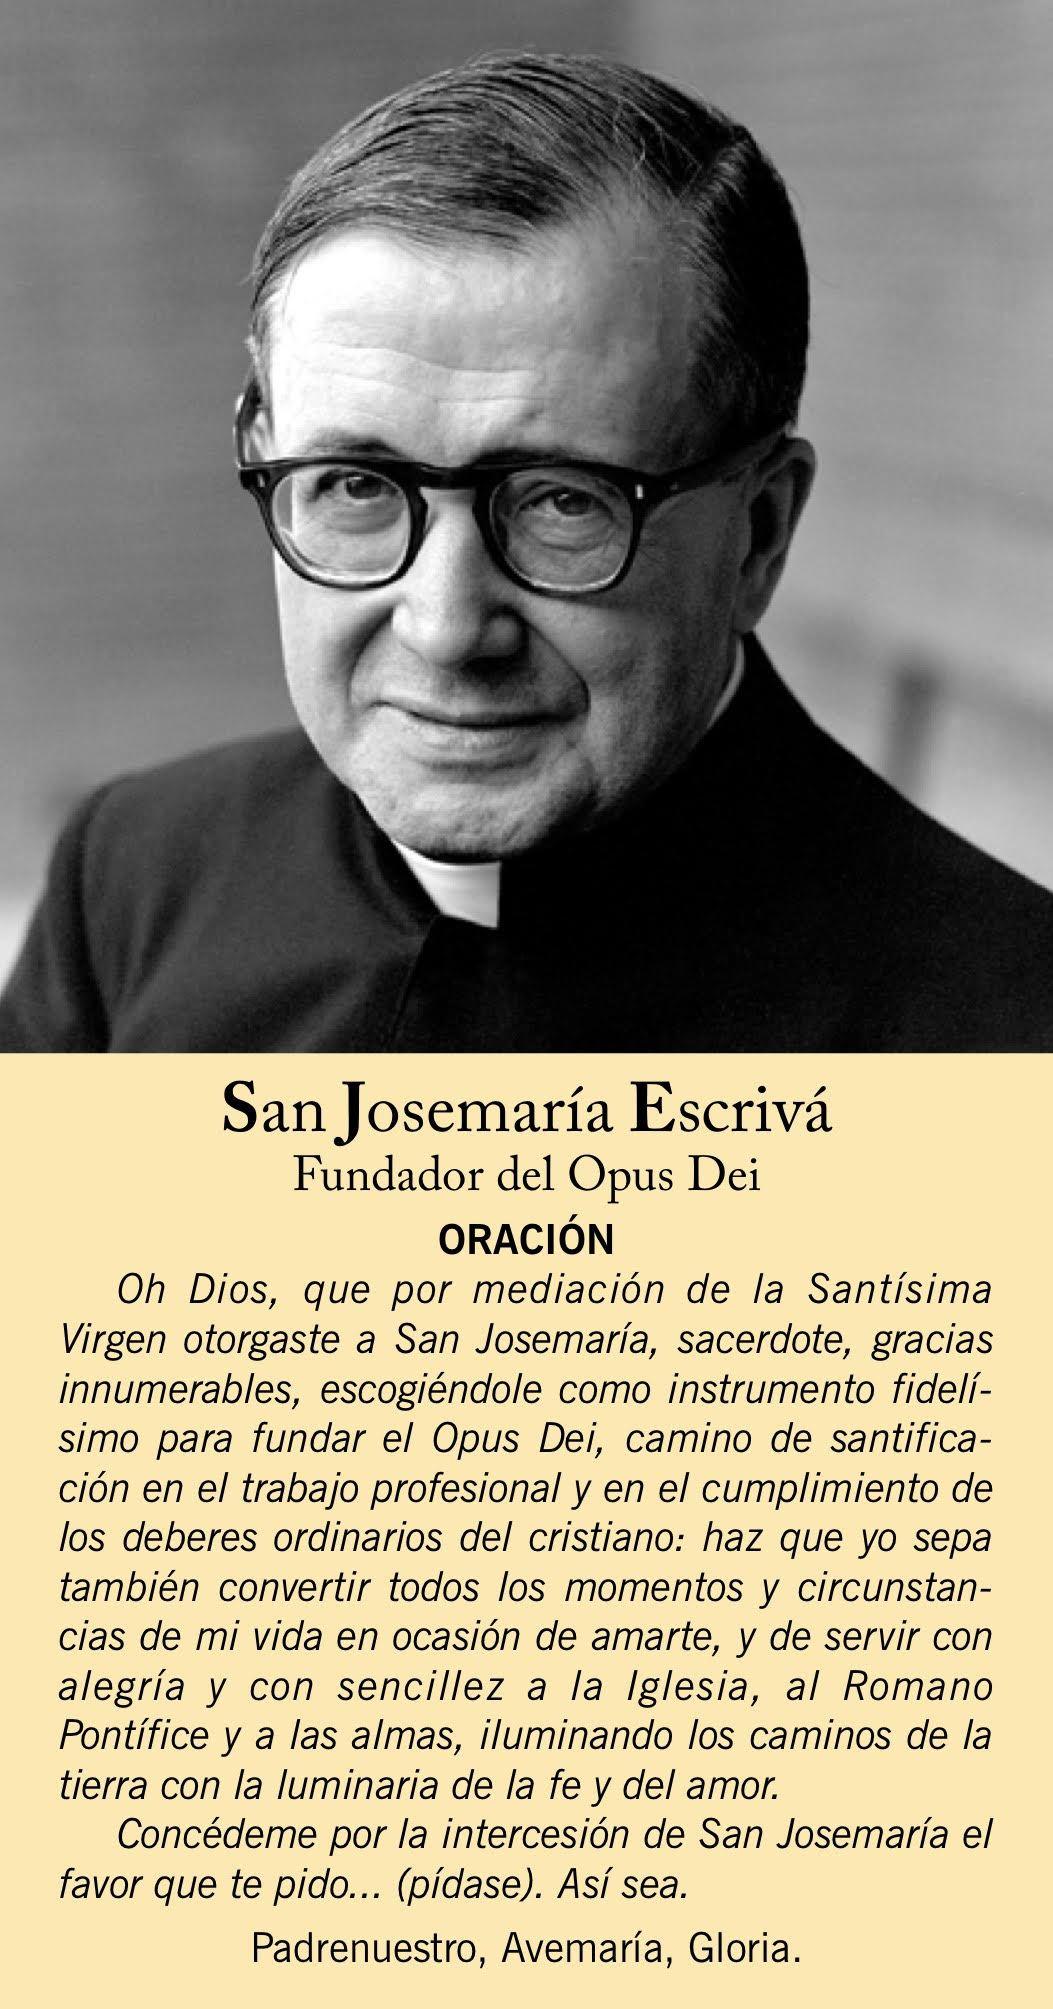 Oración Por Intercesión De San Josemaría Fundador Del Opus Dei Http Opusdei Es Es Es Article Oracion 2 San Josemaria San Josemaria Escriva Catholic Prayers